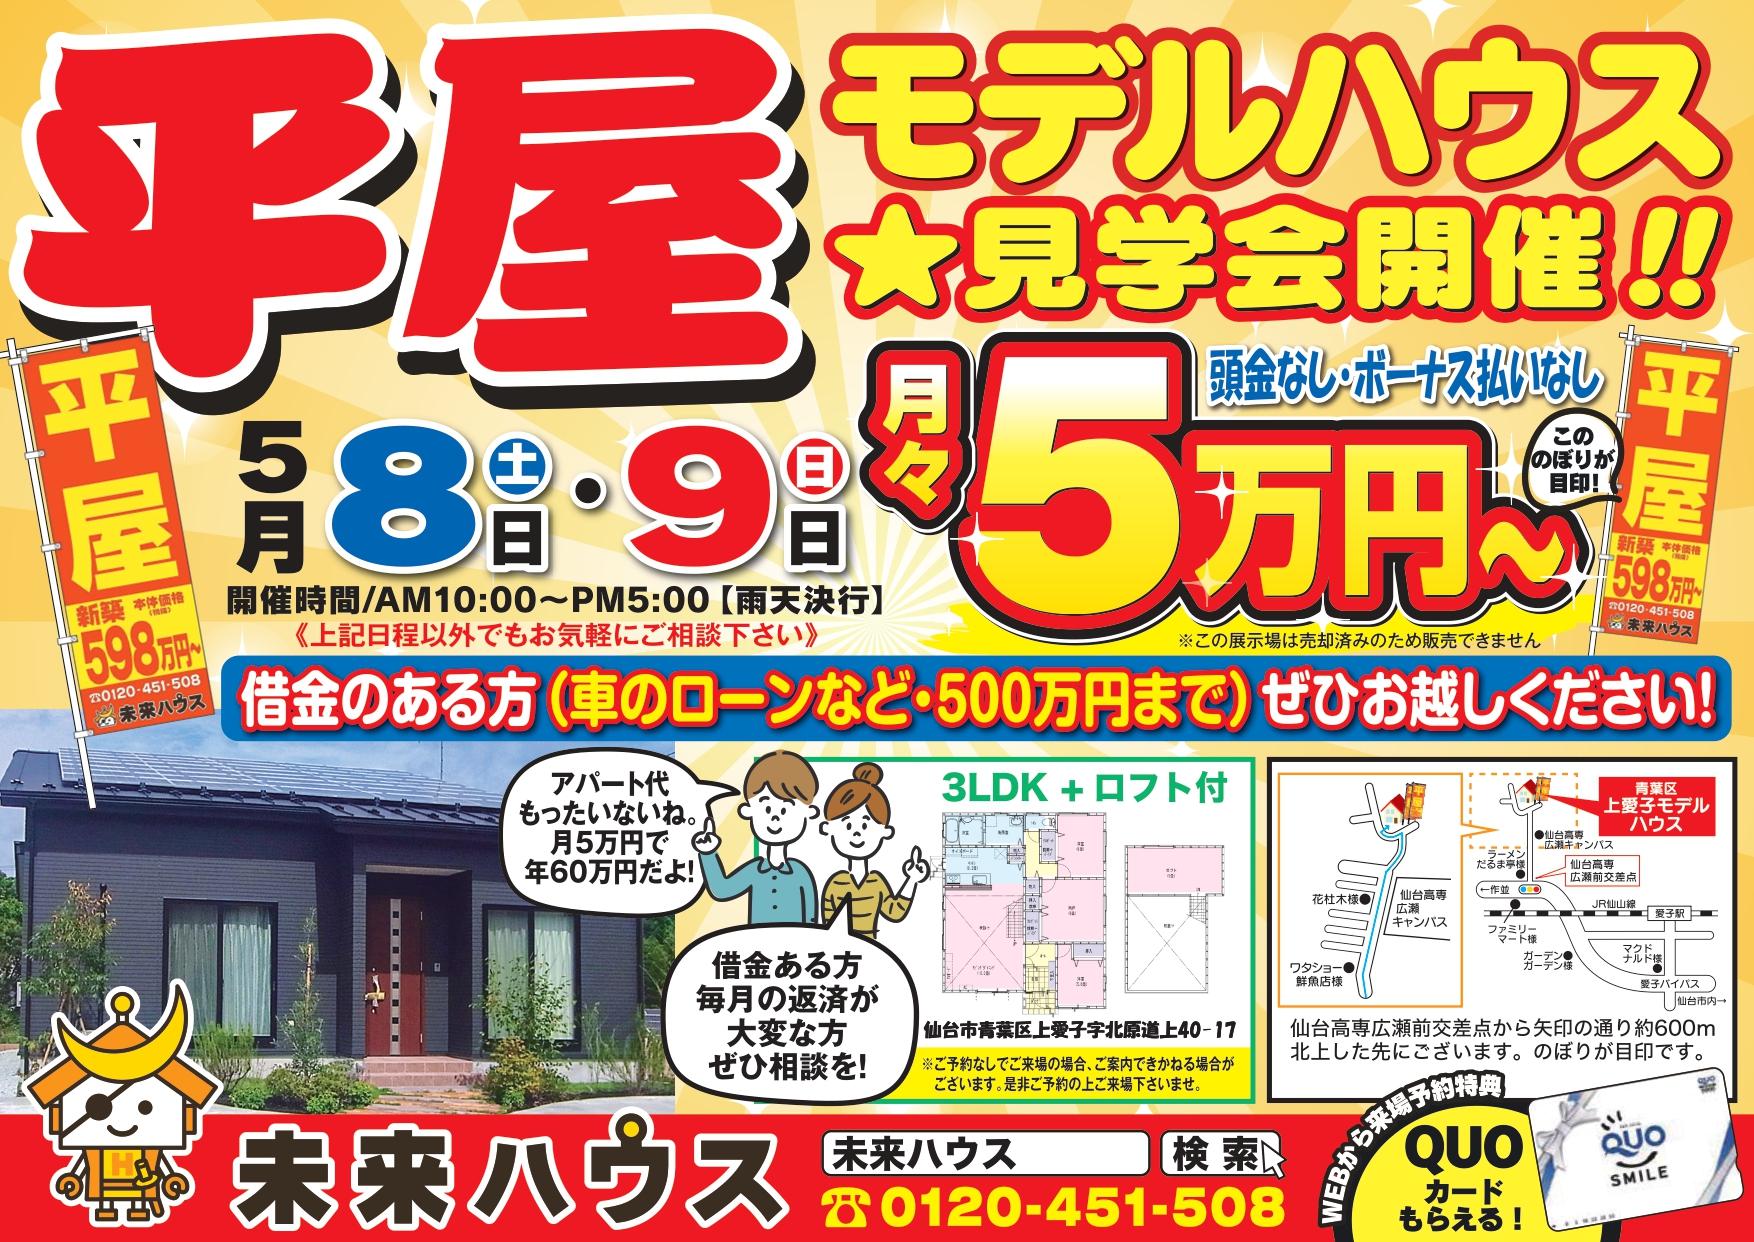 5月8日(土)・9日(日) 上愛子平屋モデルハウス